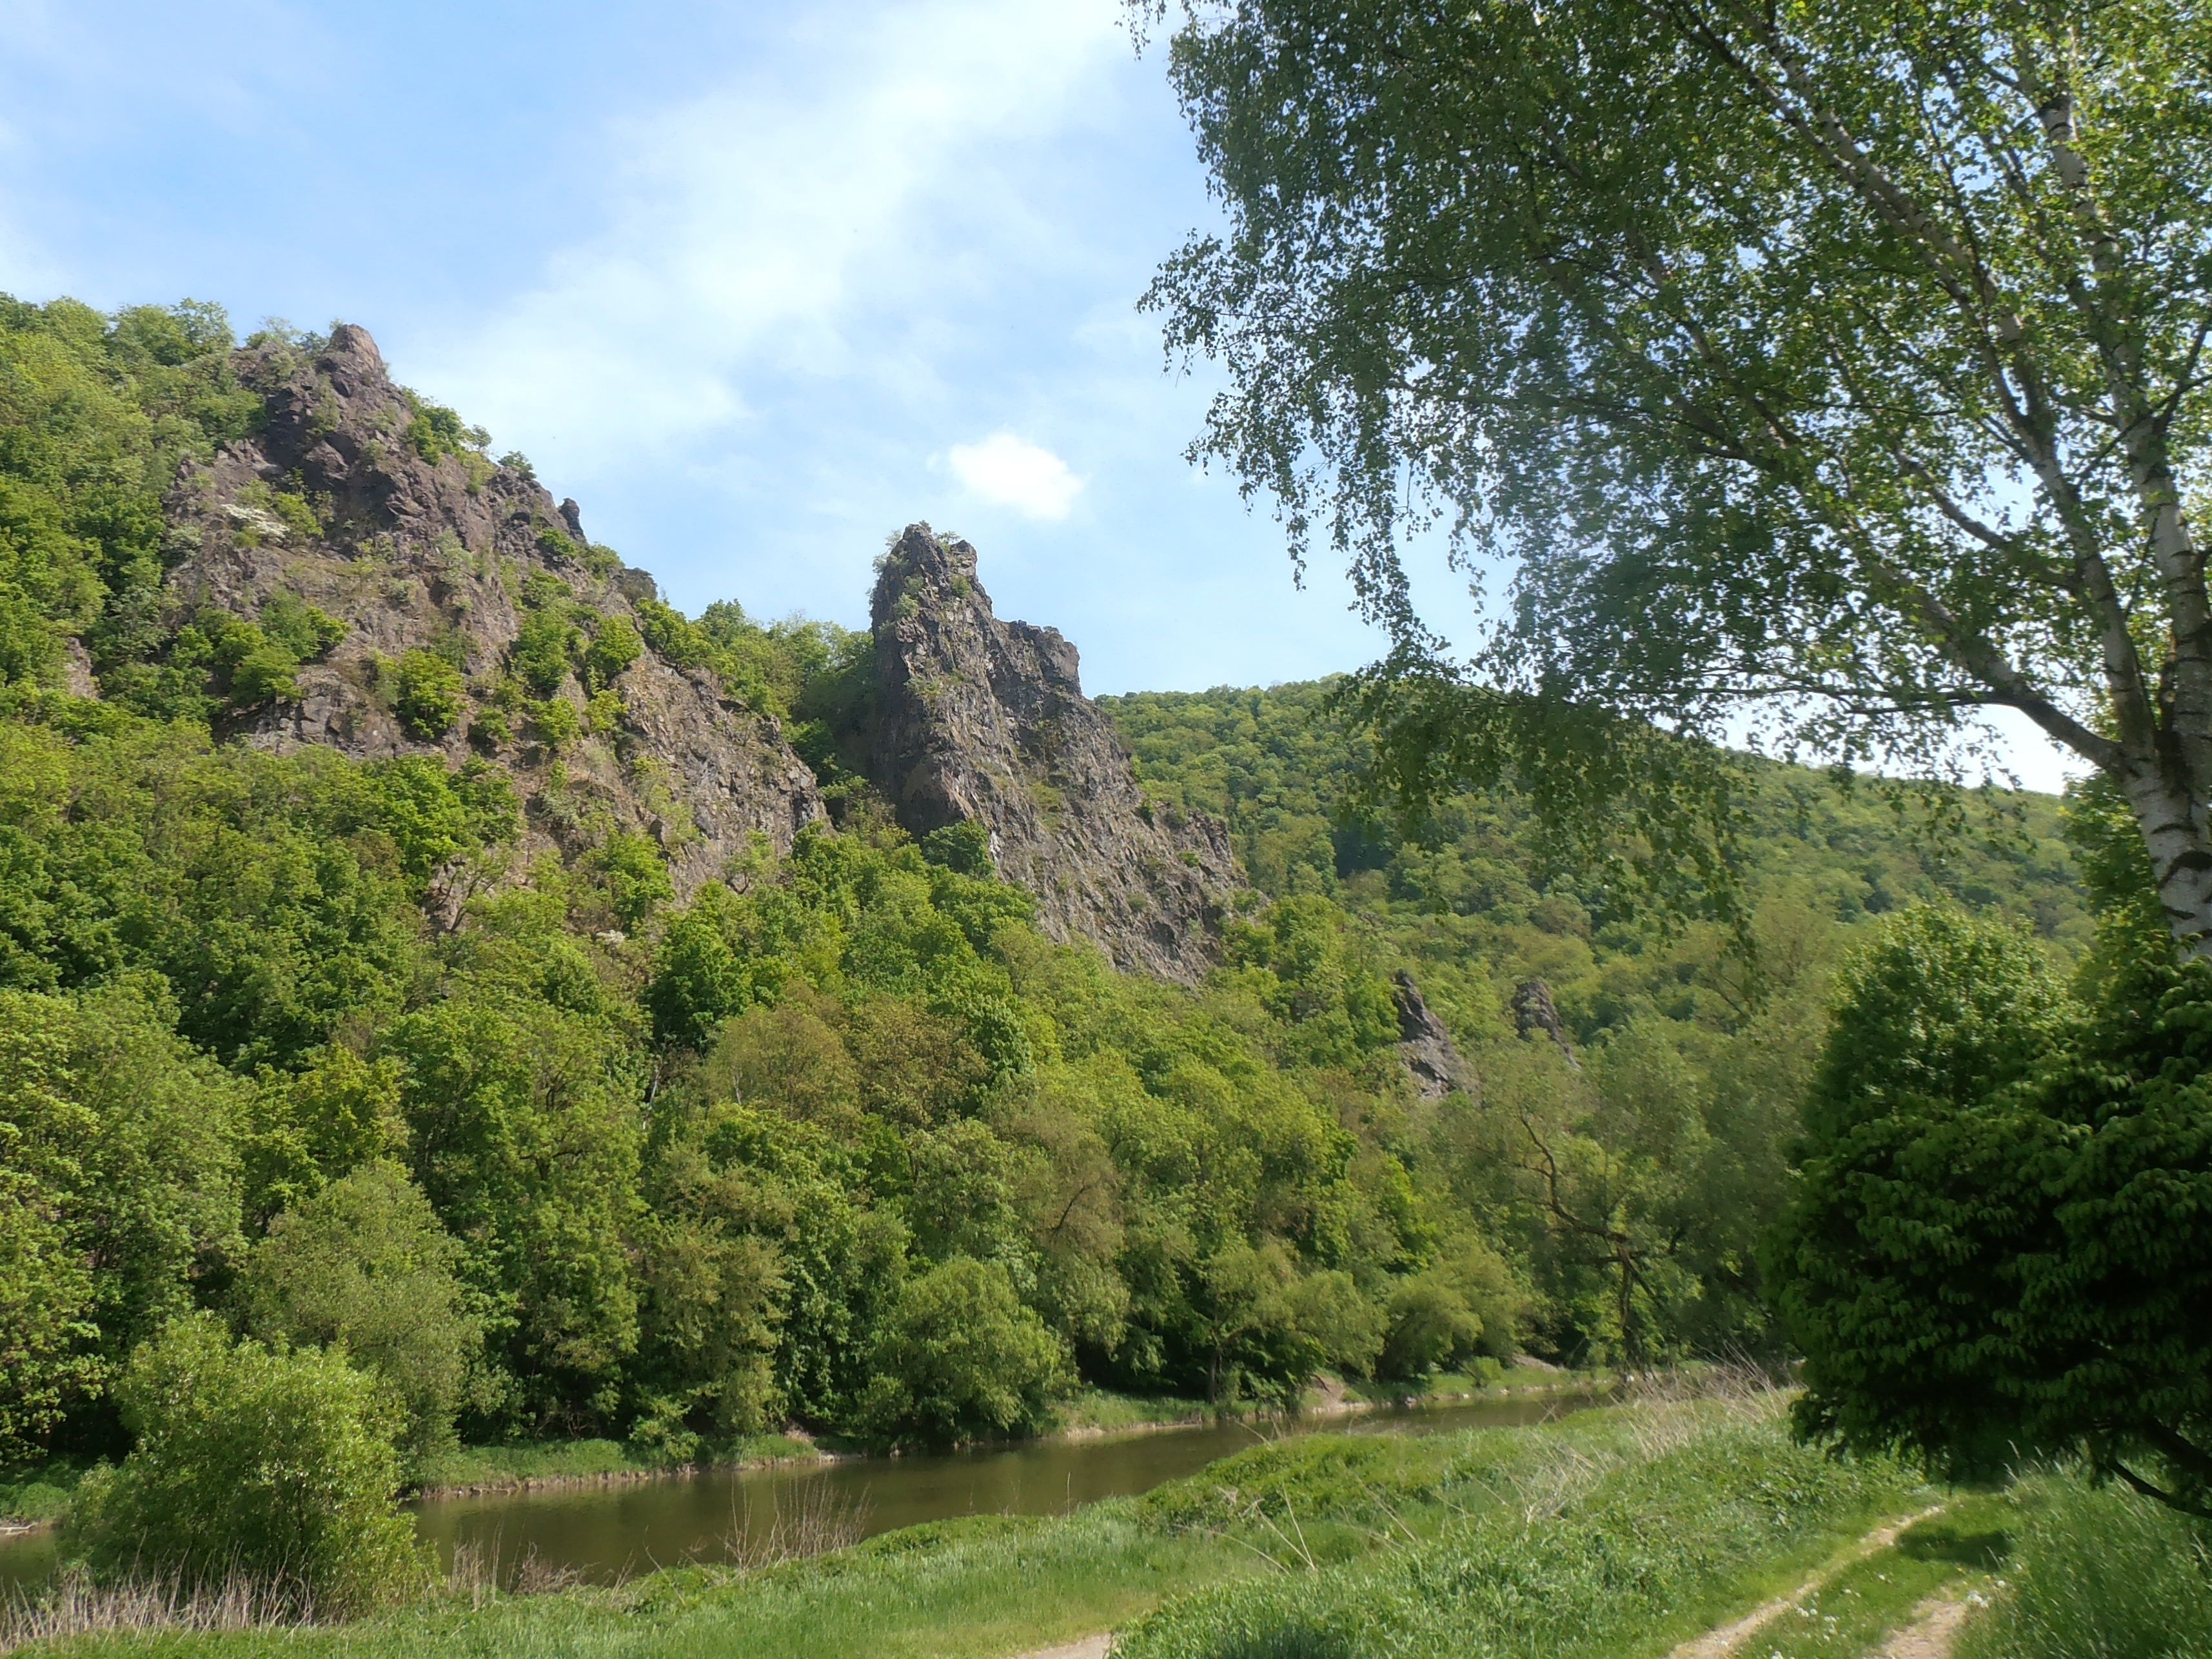 Geopark Barrandien je národním geoparkem, oficiální certifikací vyvrcholily několikaleté snahy Ekologického centra Orlov